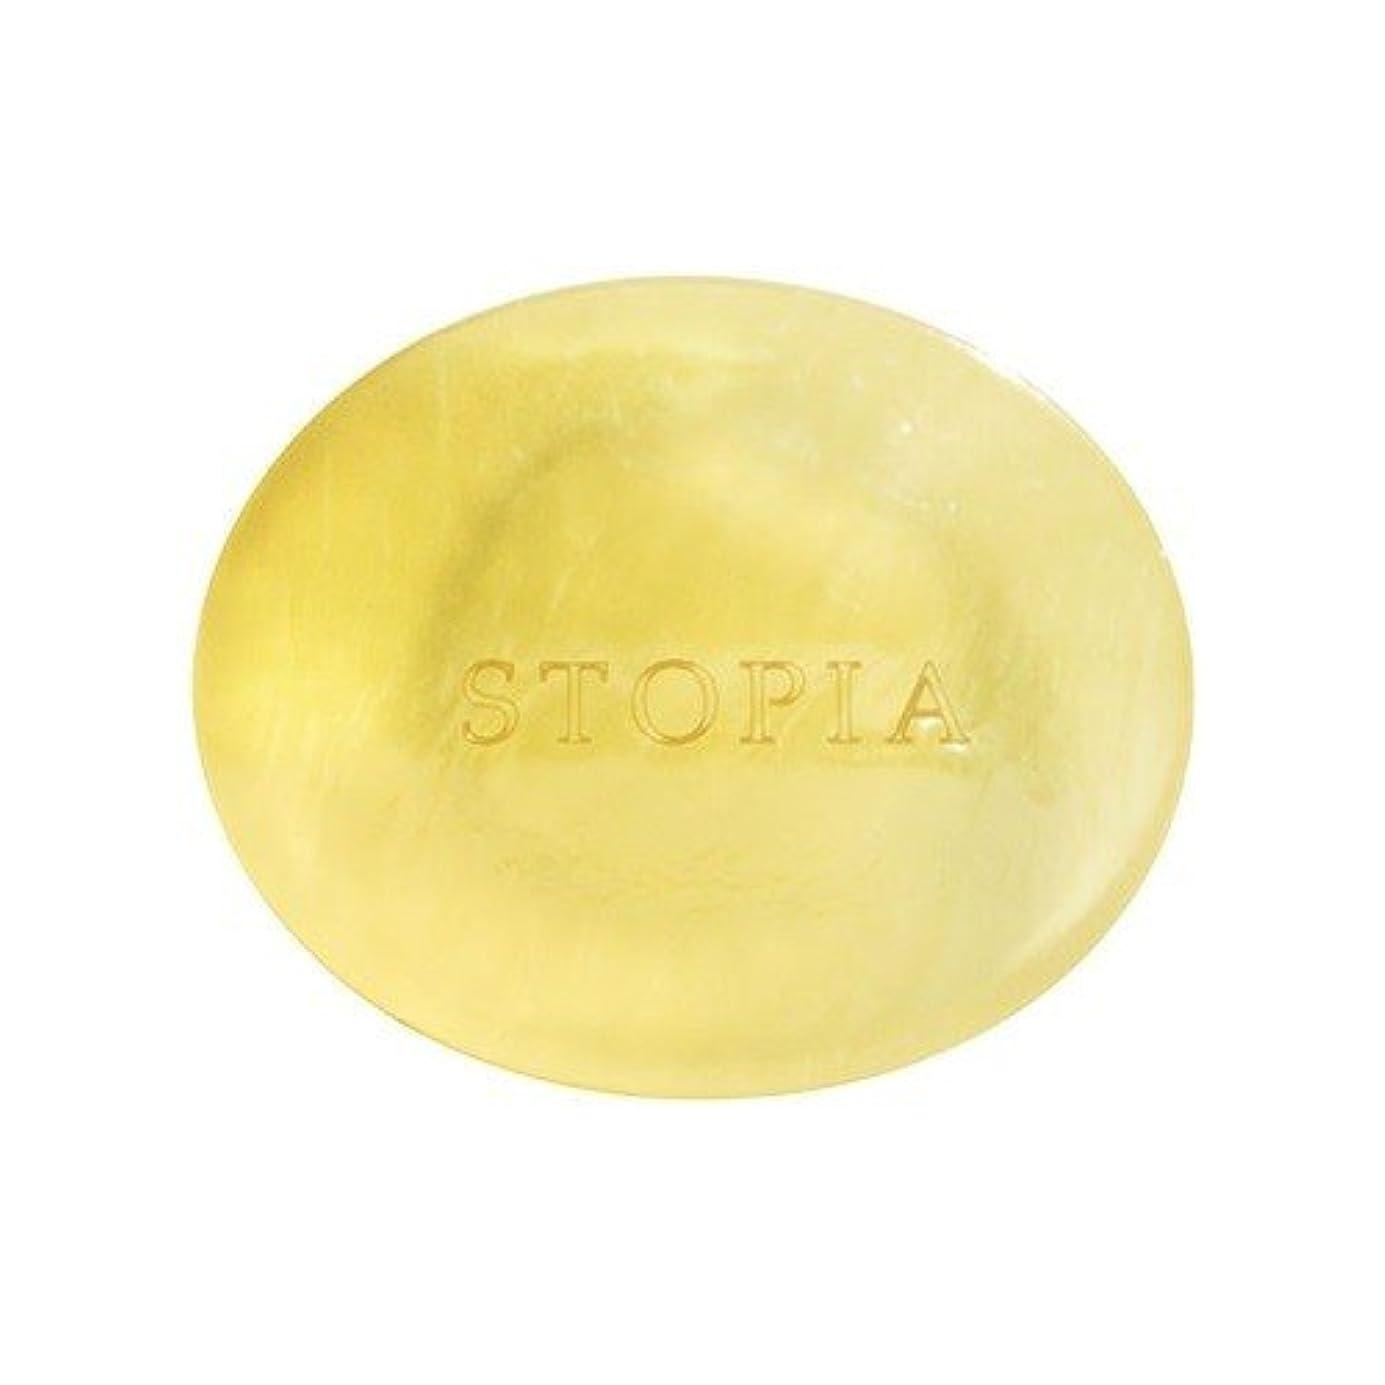 キリスト教分散パスゲオール ストピア 薬用ソープ 医薬部外品